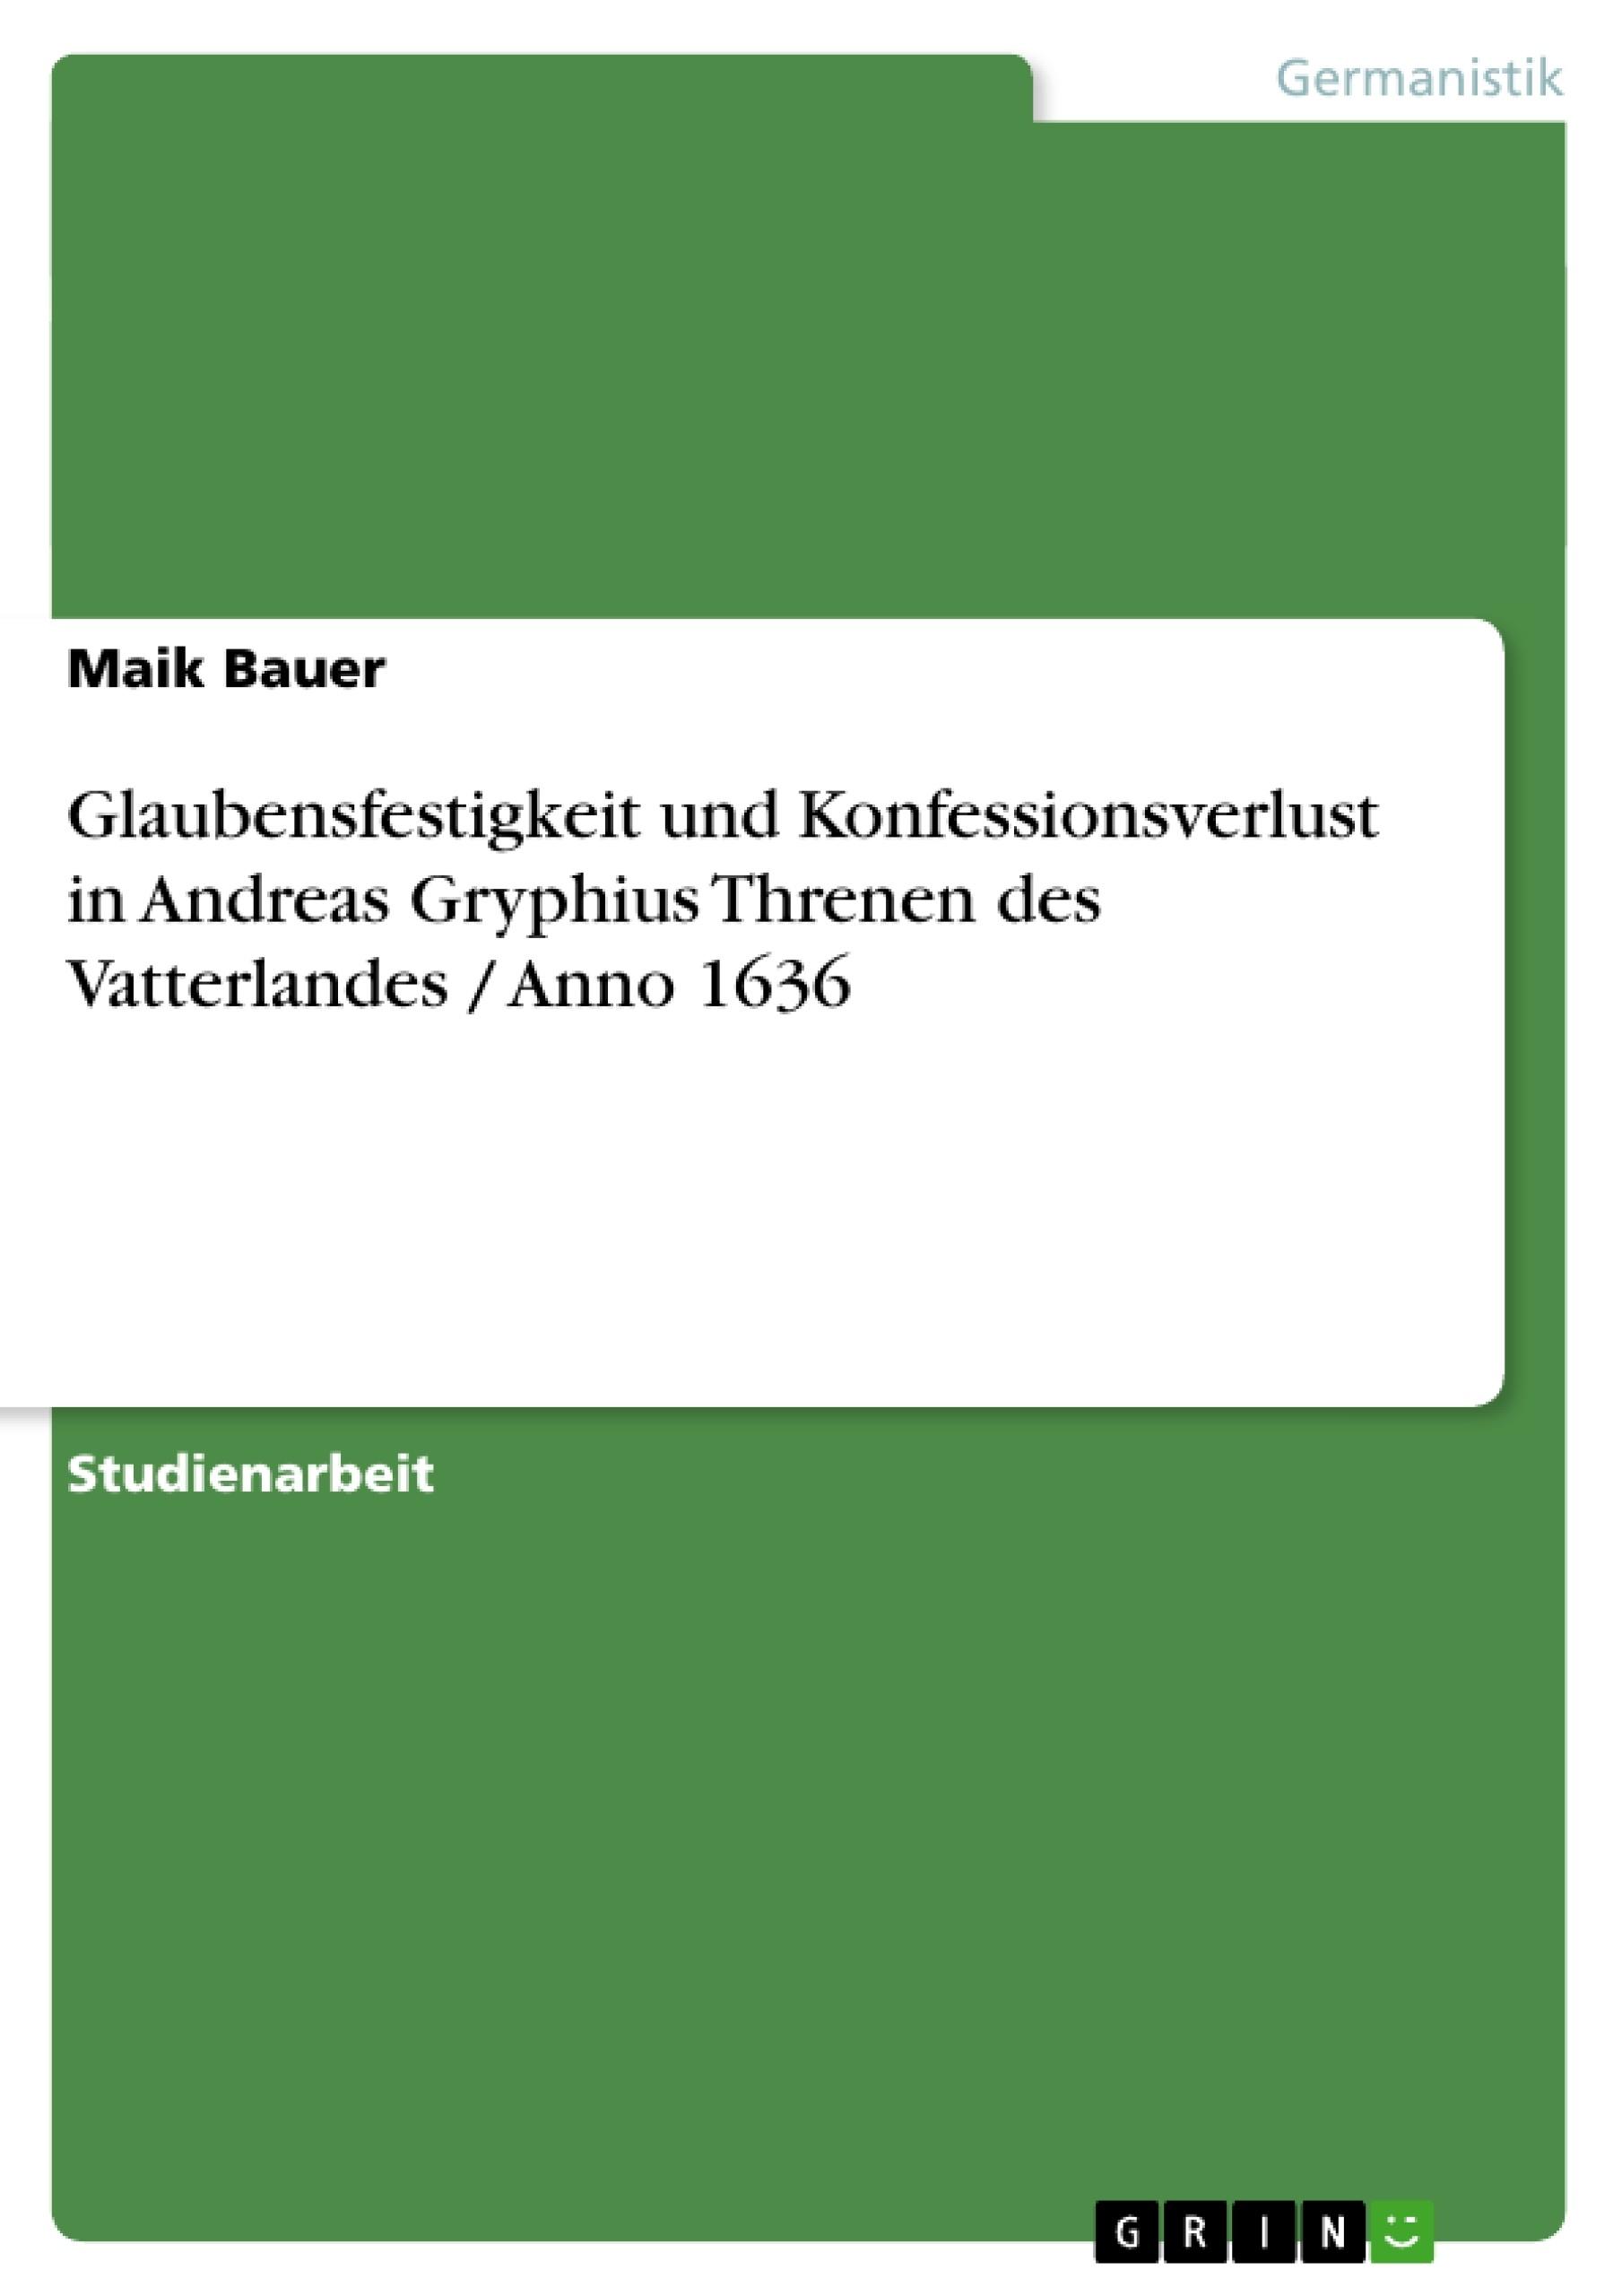 Titel: Glaubensfestigkeit und Konfessionsverlust in Andreas Gryphius Threnen des Vatterlandes / Anno 1636